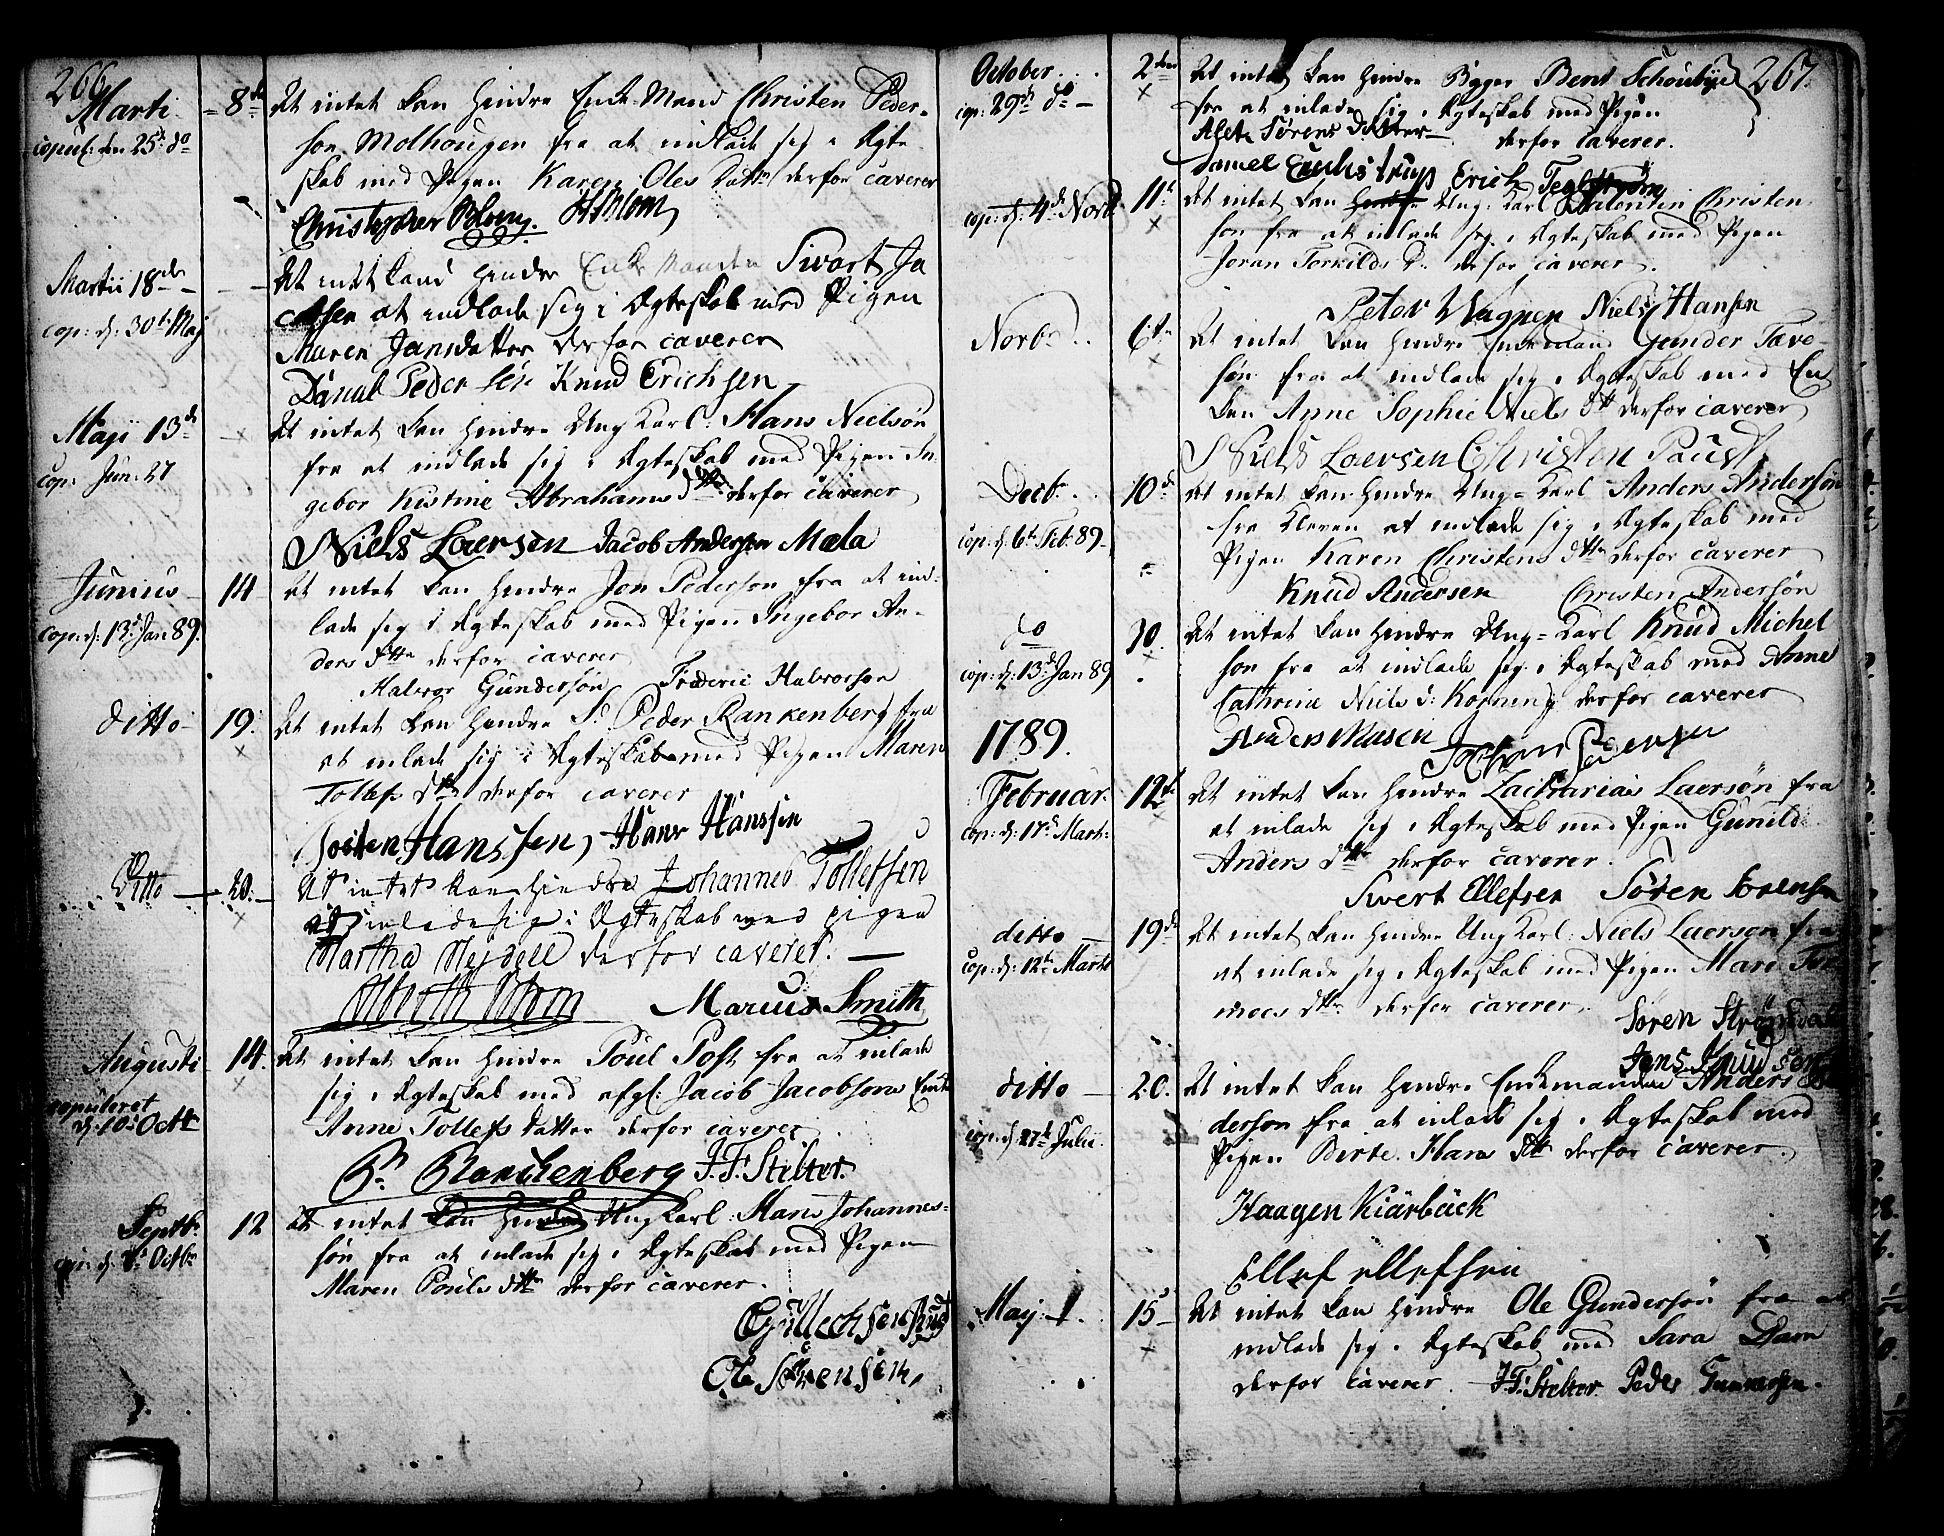 SAKO, Skien kirkebøker, F/Fa/L0003: Ministerialbok nr. 3, 1755-1791, s. 266-267